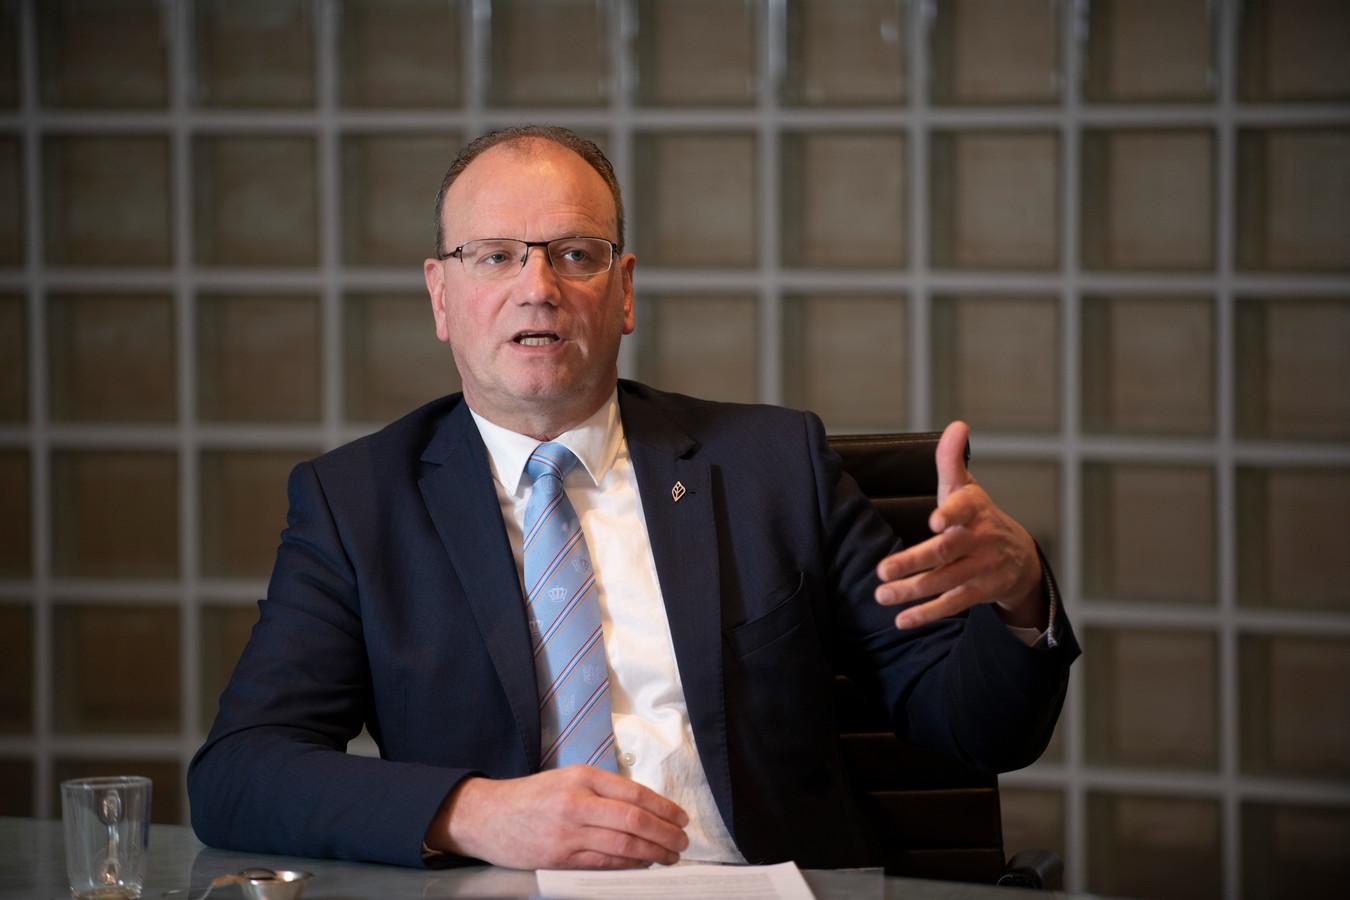 Er zijn voor het EK meerdere scenario's uitgewerkt, zegt Heerts. Variërend van aankijken of het feest op natuurlijke wijze goed verloopt, tot het tot verboden gebied verklaren van de rotonde.